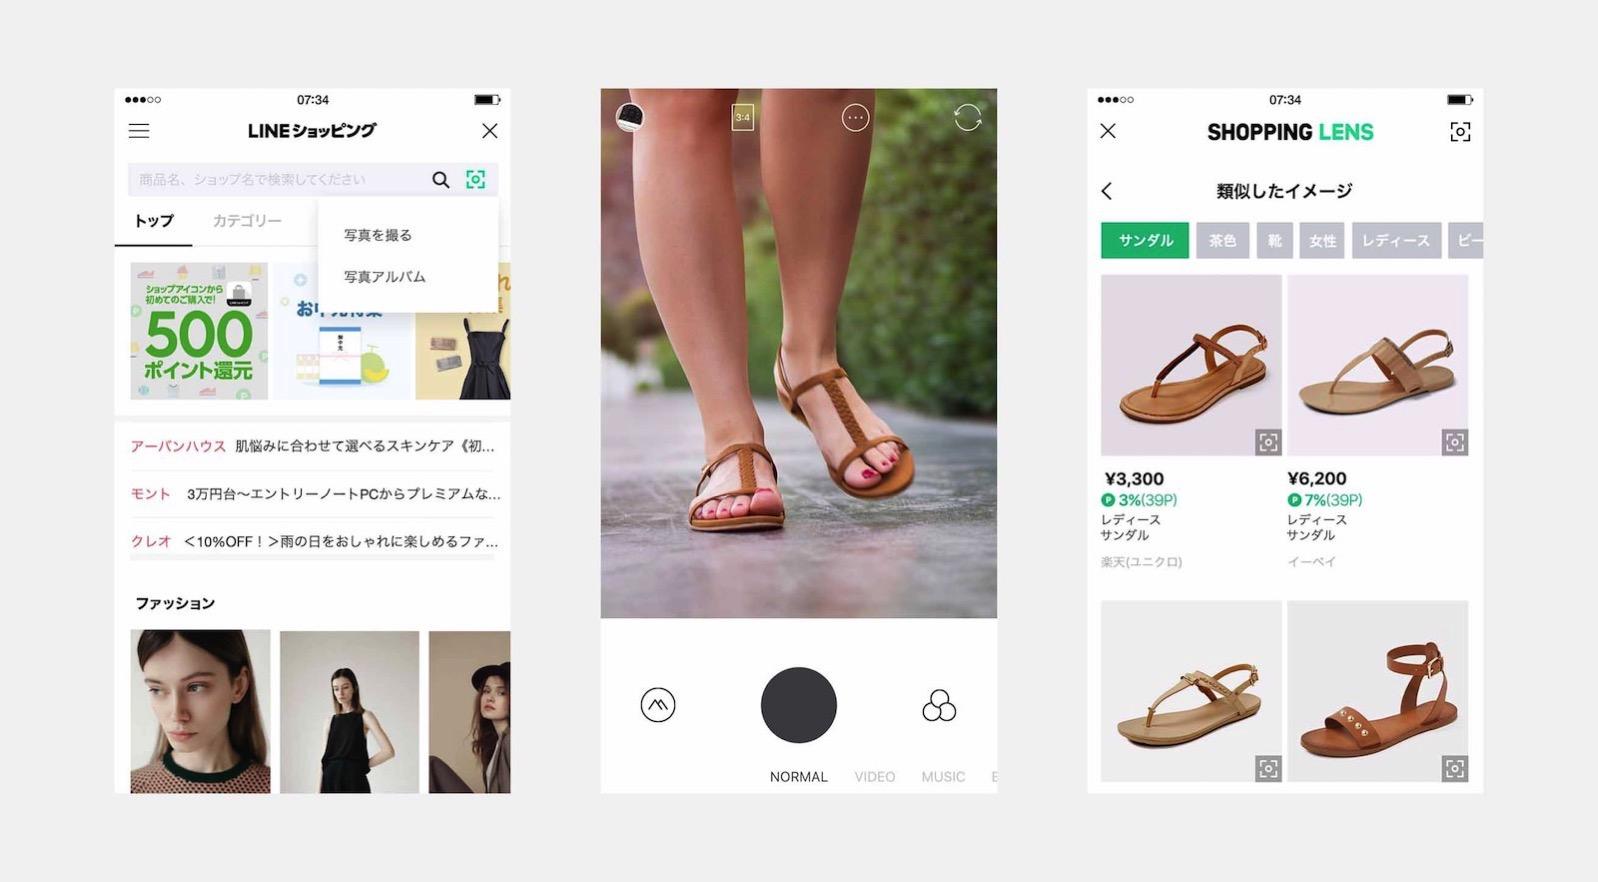 LINE Shopping Lens 2